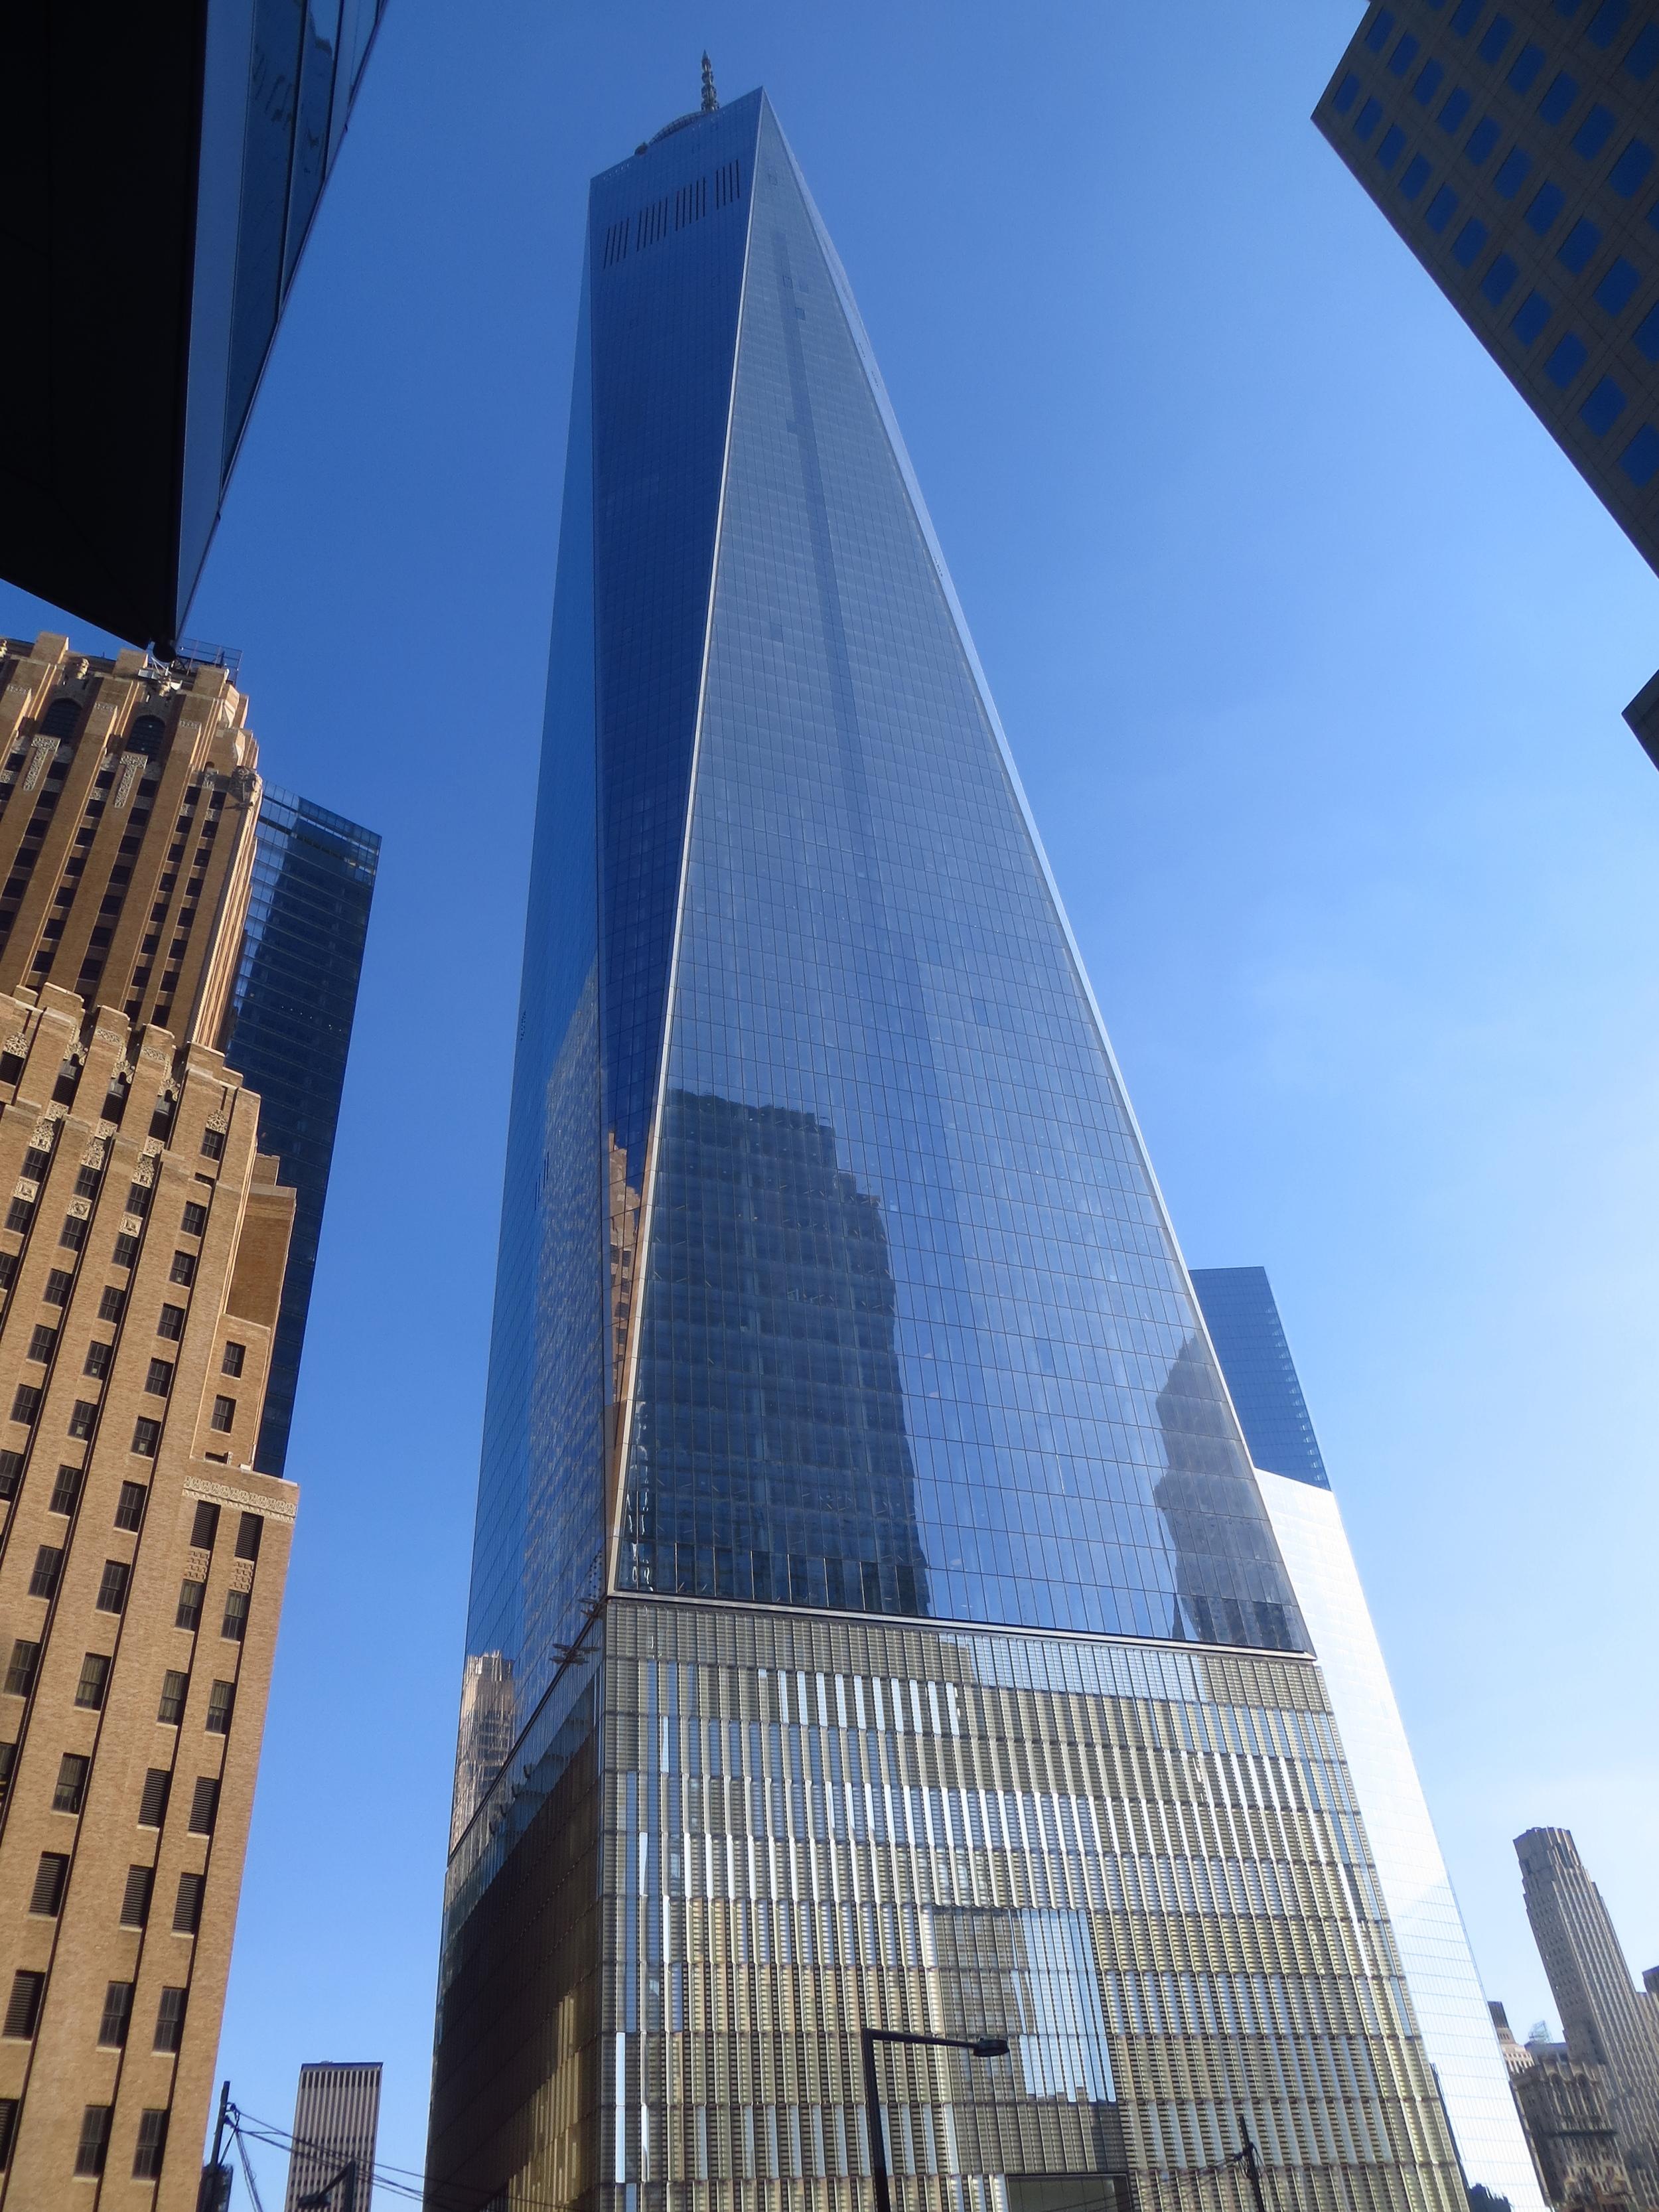 Full view of 1 WTC (it's pretty big)